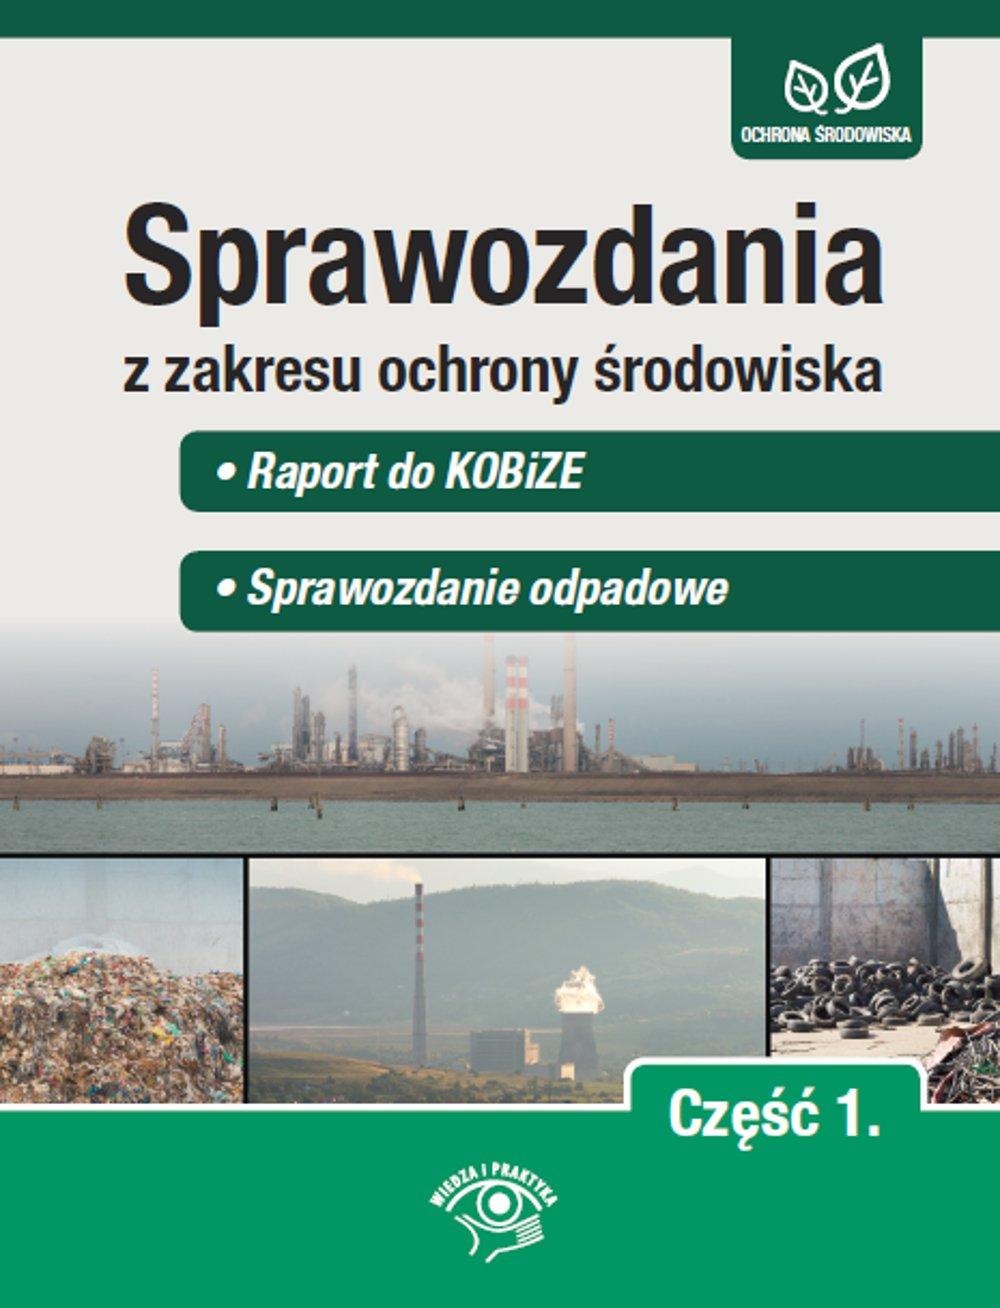 Sprawozdania z zakresu ochrony środowiska Część 1. Raport do KOBiZE. Sprawozdanie odpadowe - Ebook (Książka PDF) do pobrania w formacie PDF